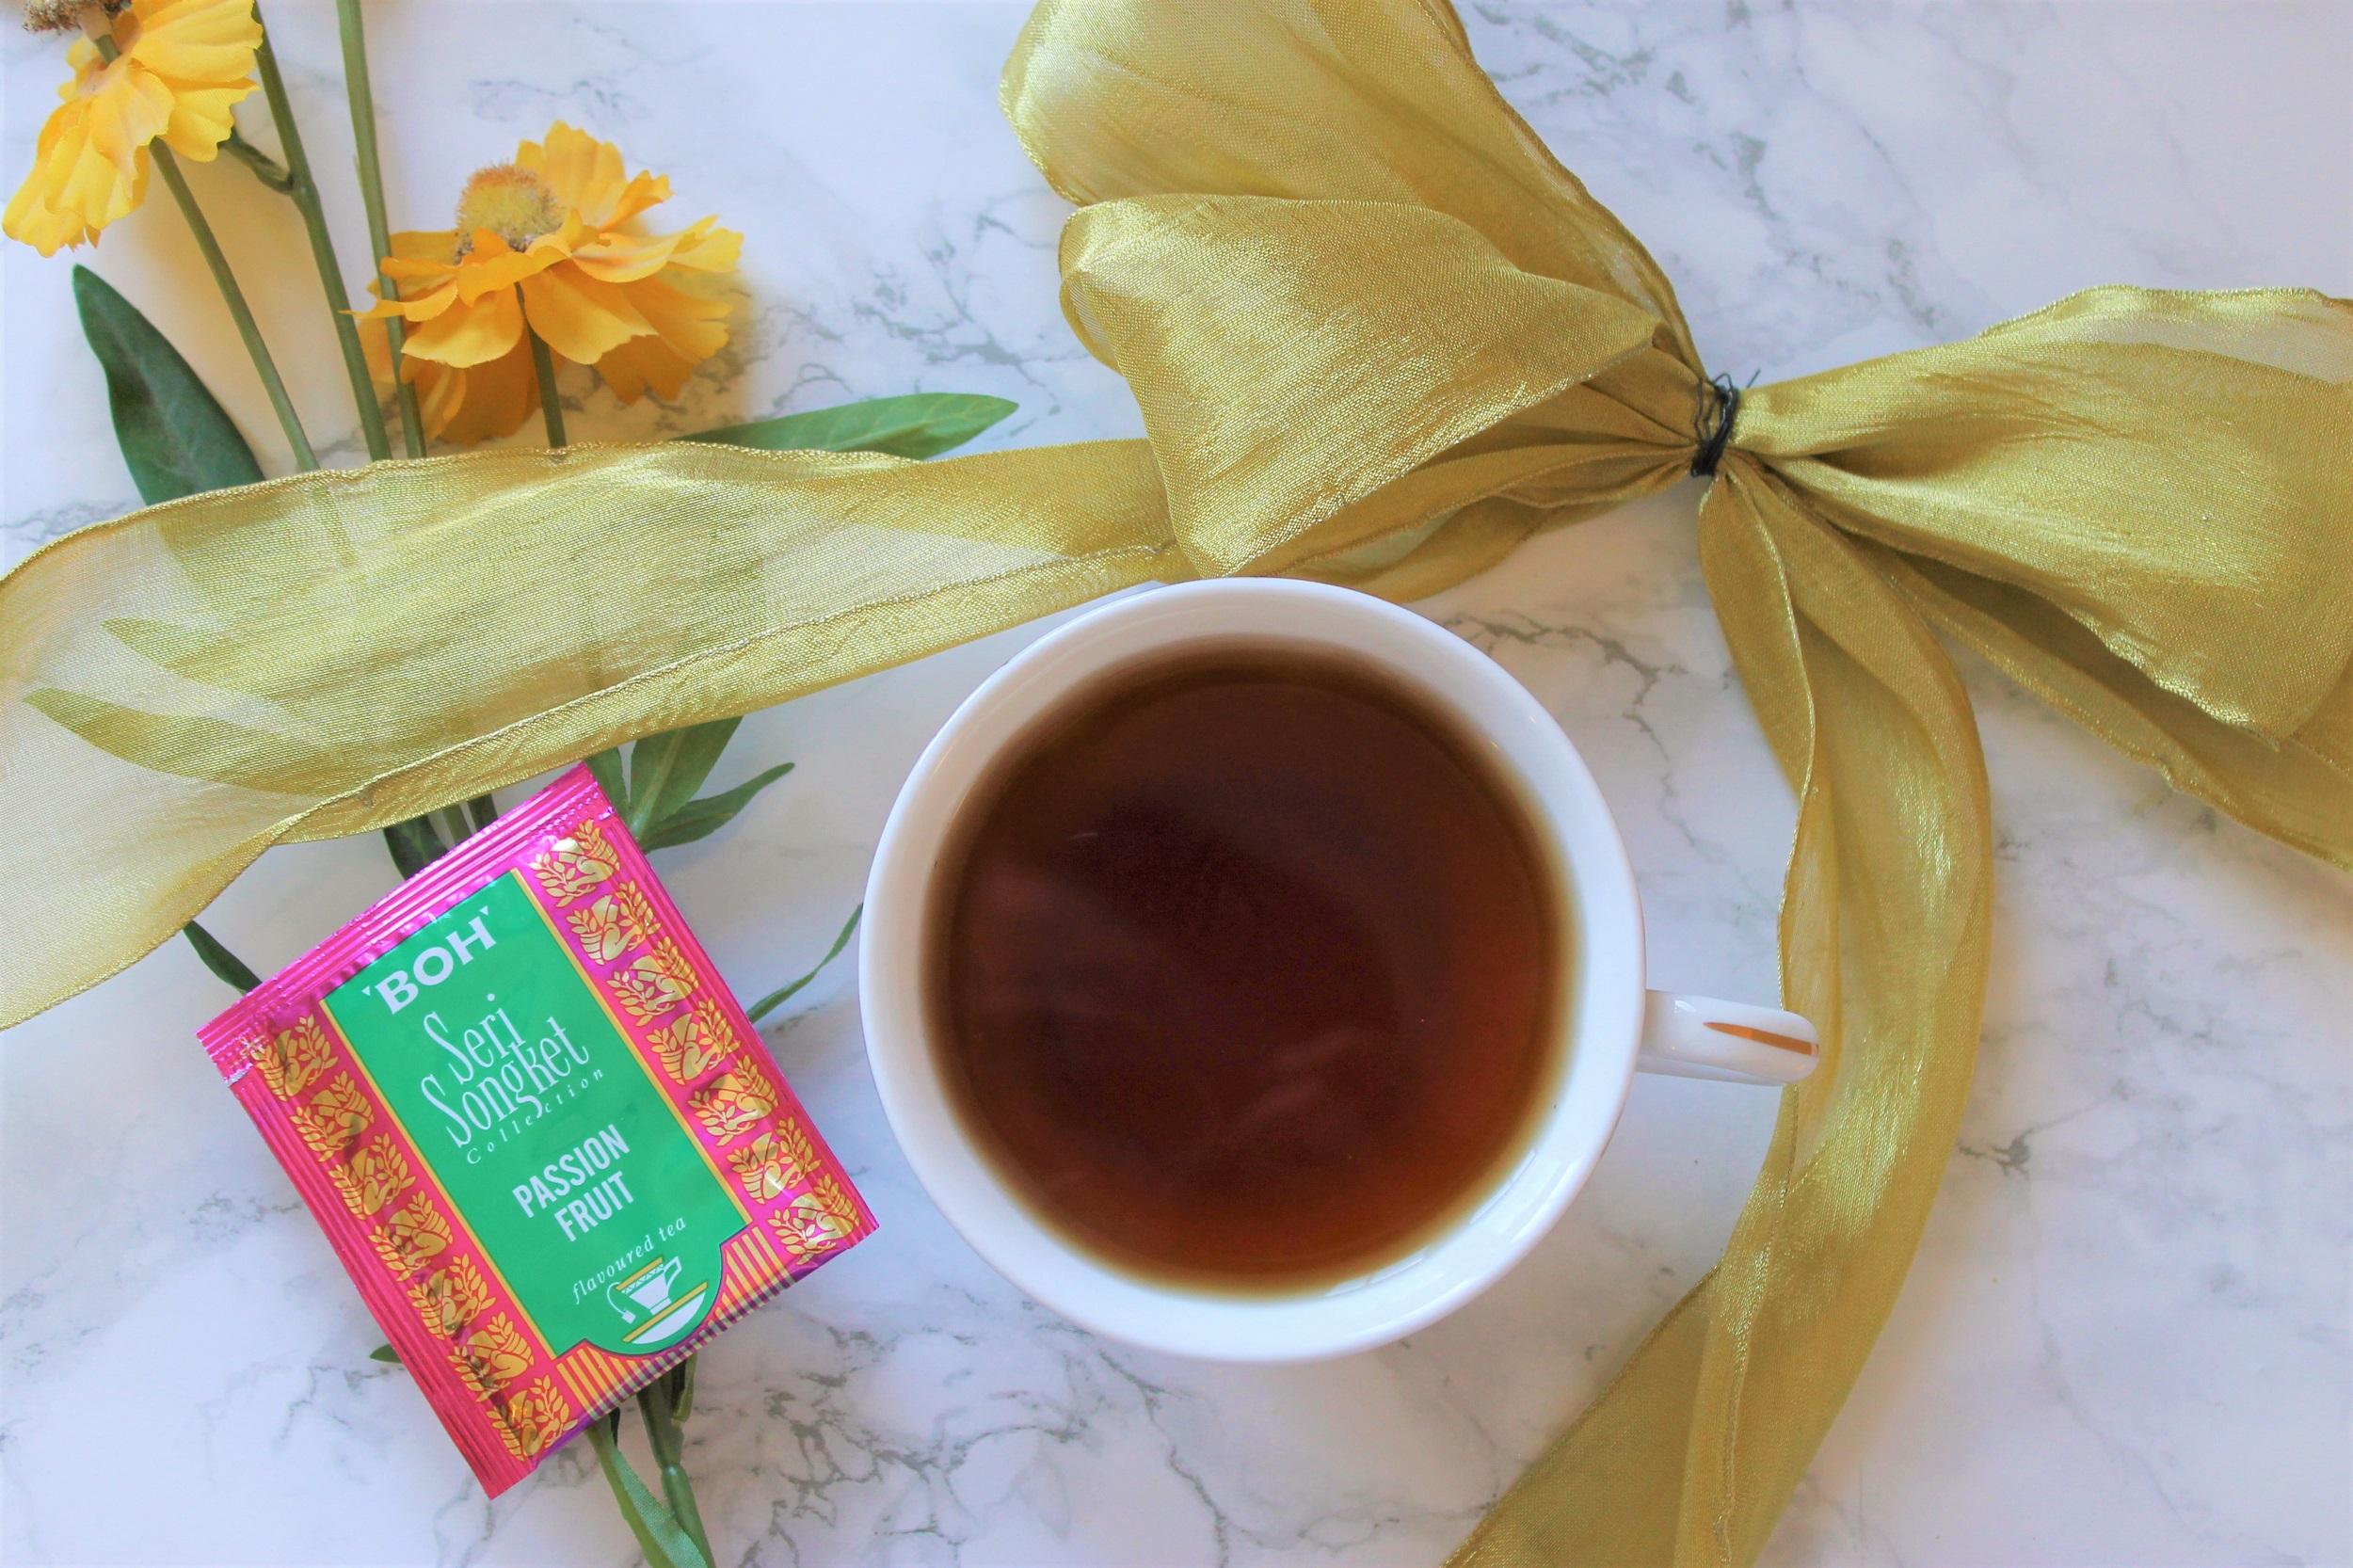 BOH Passion Fruit Tea Review